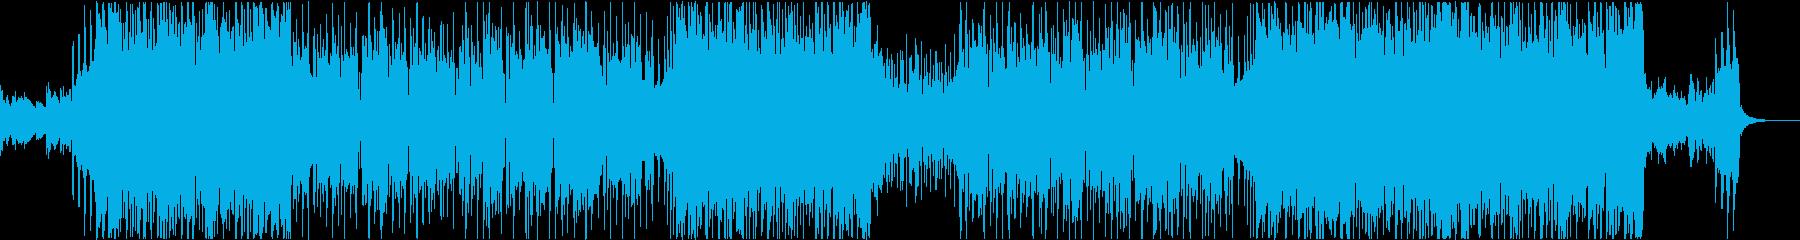 【CityPOP】EGがクールなBGMの再生済みの波形